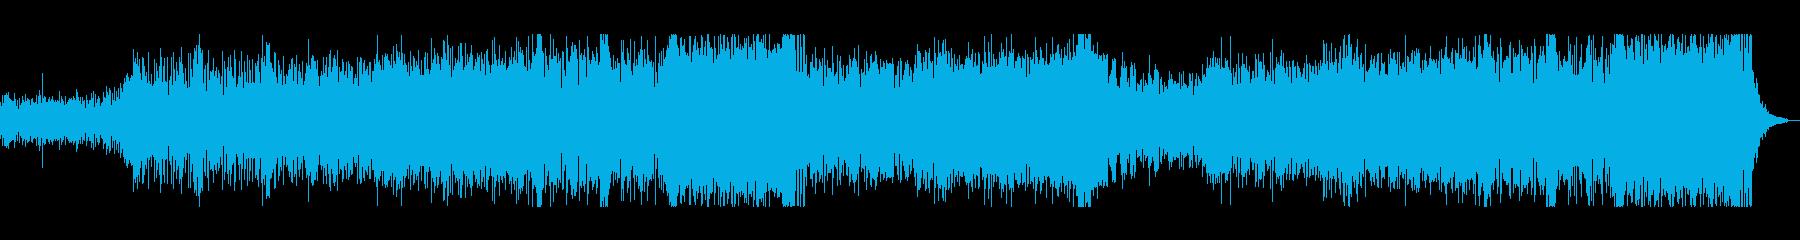 疾走感と緊張感を合わせた4つ打ちの曲ですの再生済みの波形